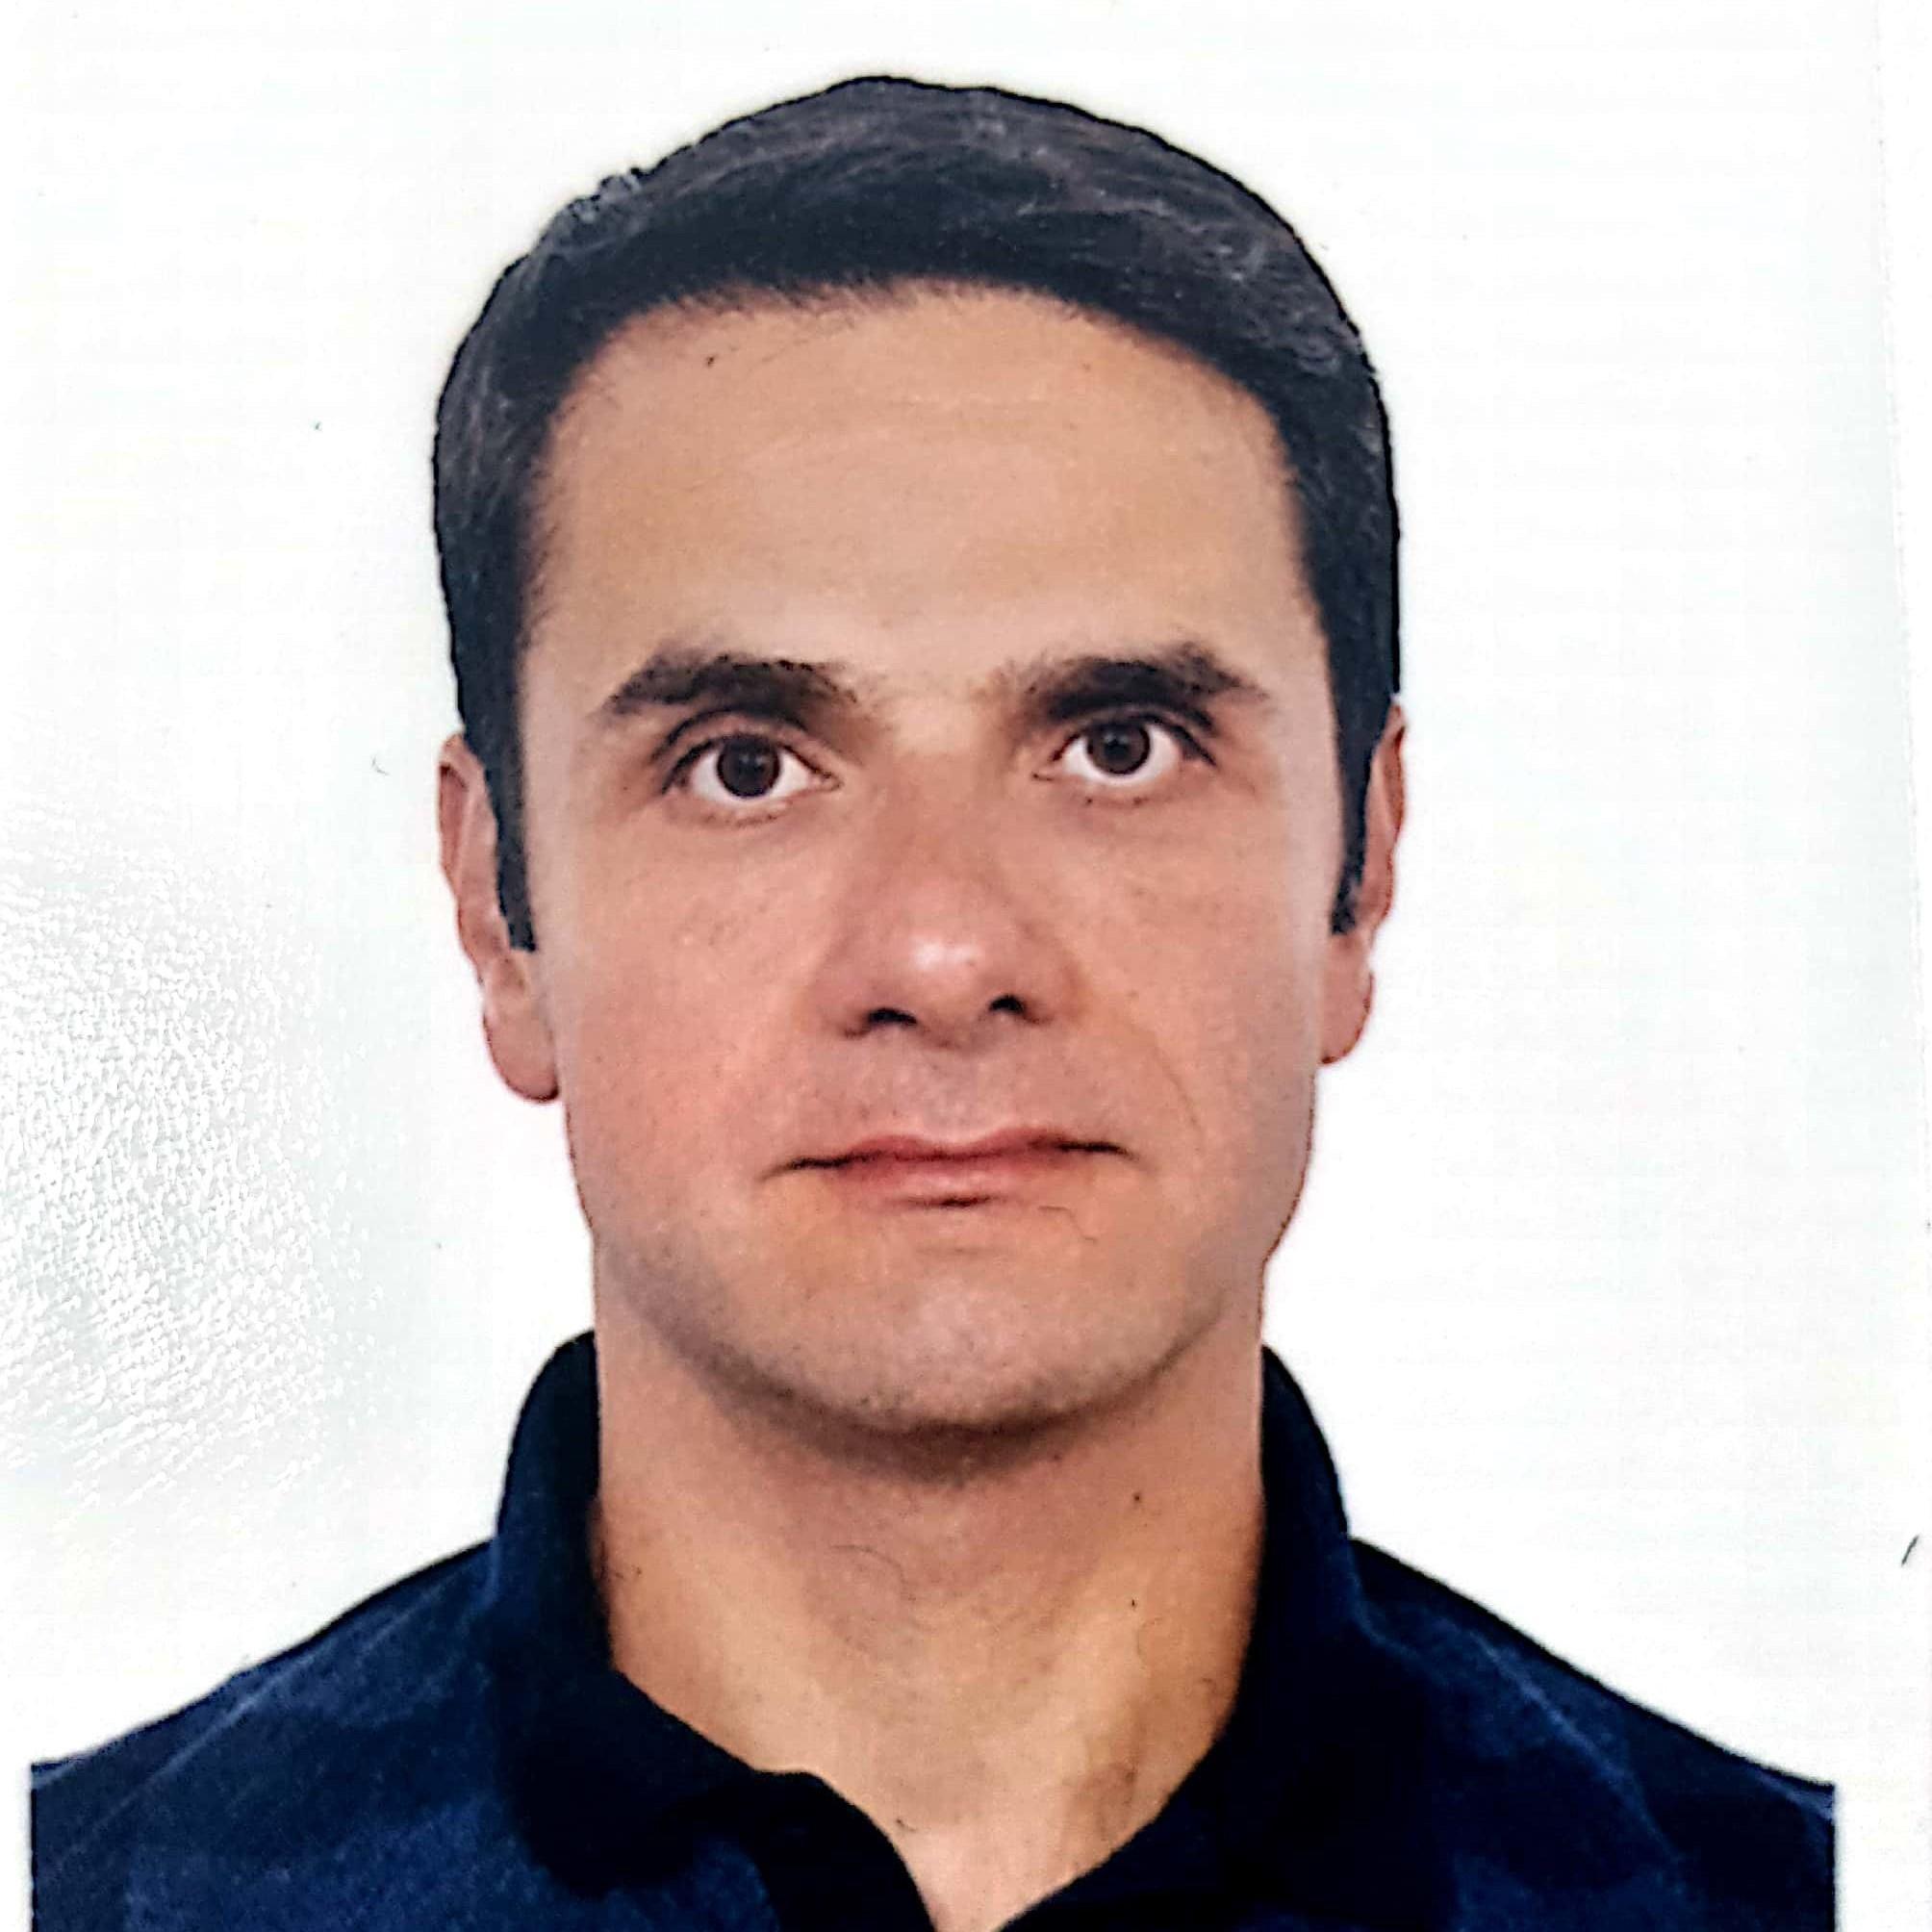 Kamal Antoun